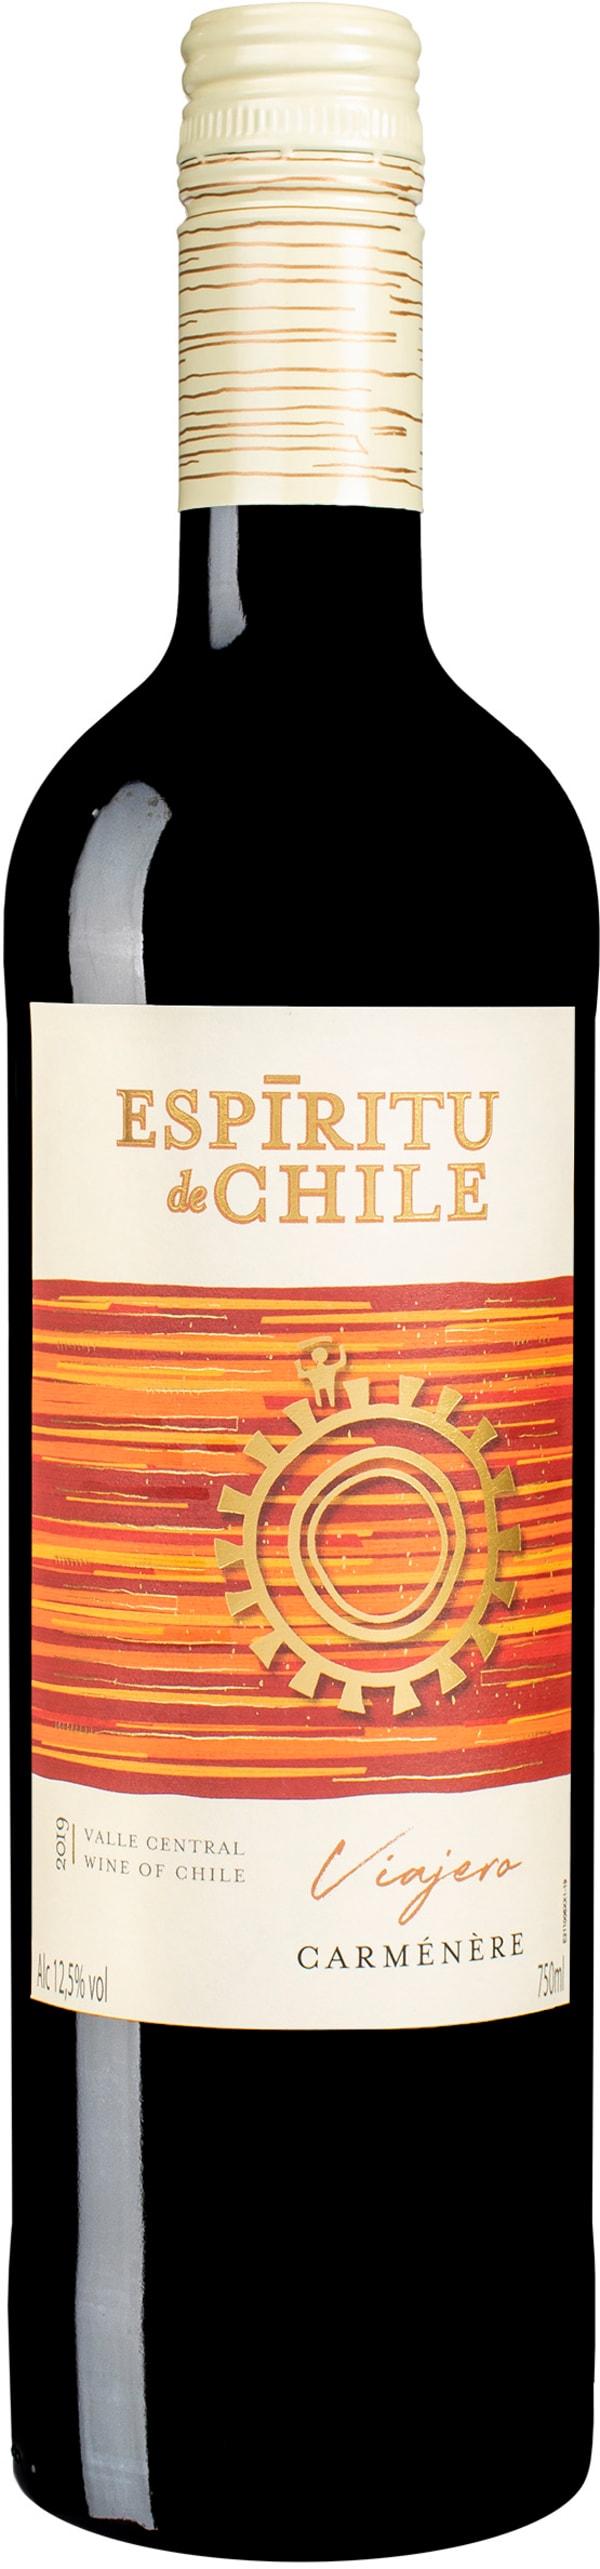 Espíritu de Chile Carmenère 2019